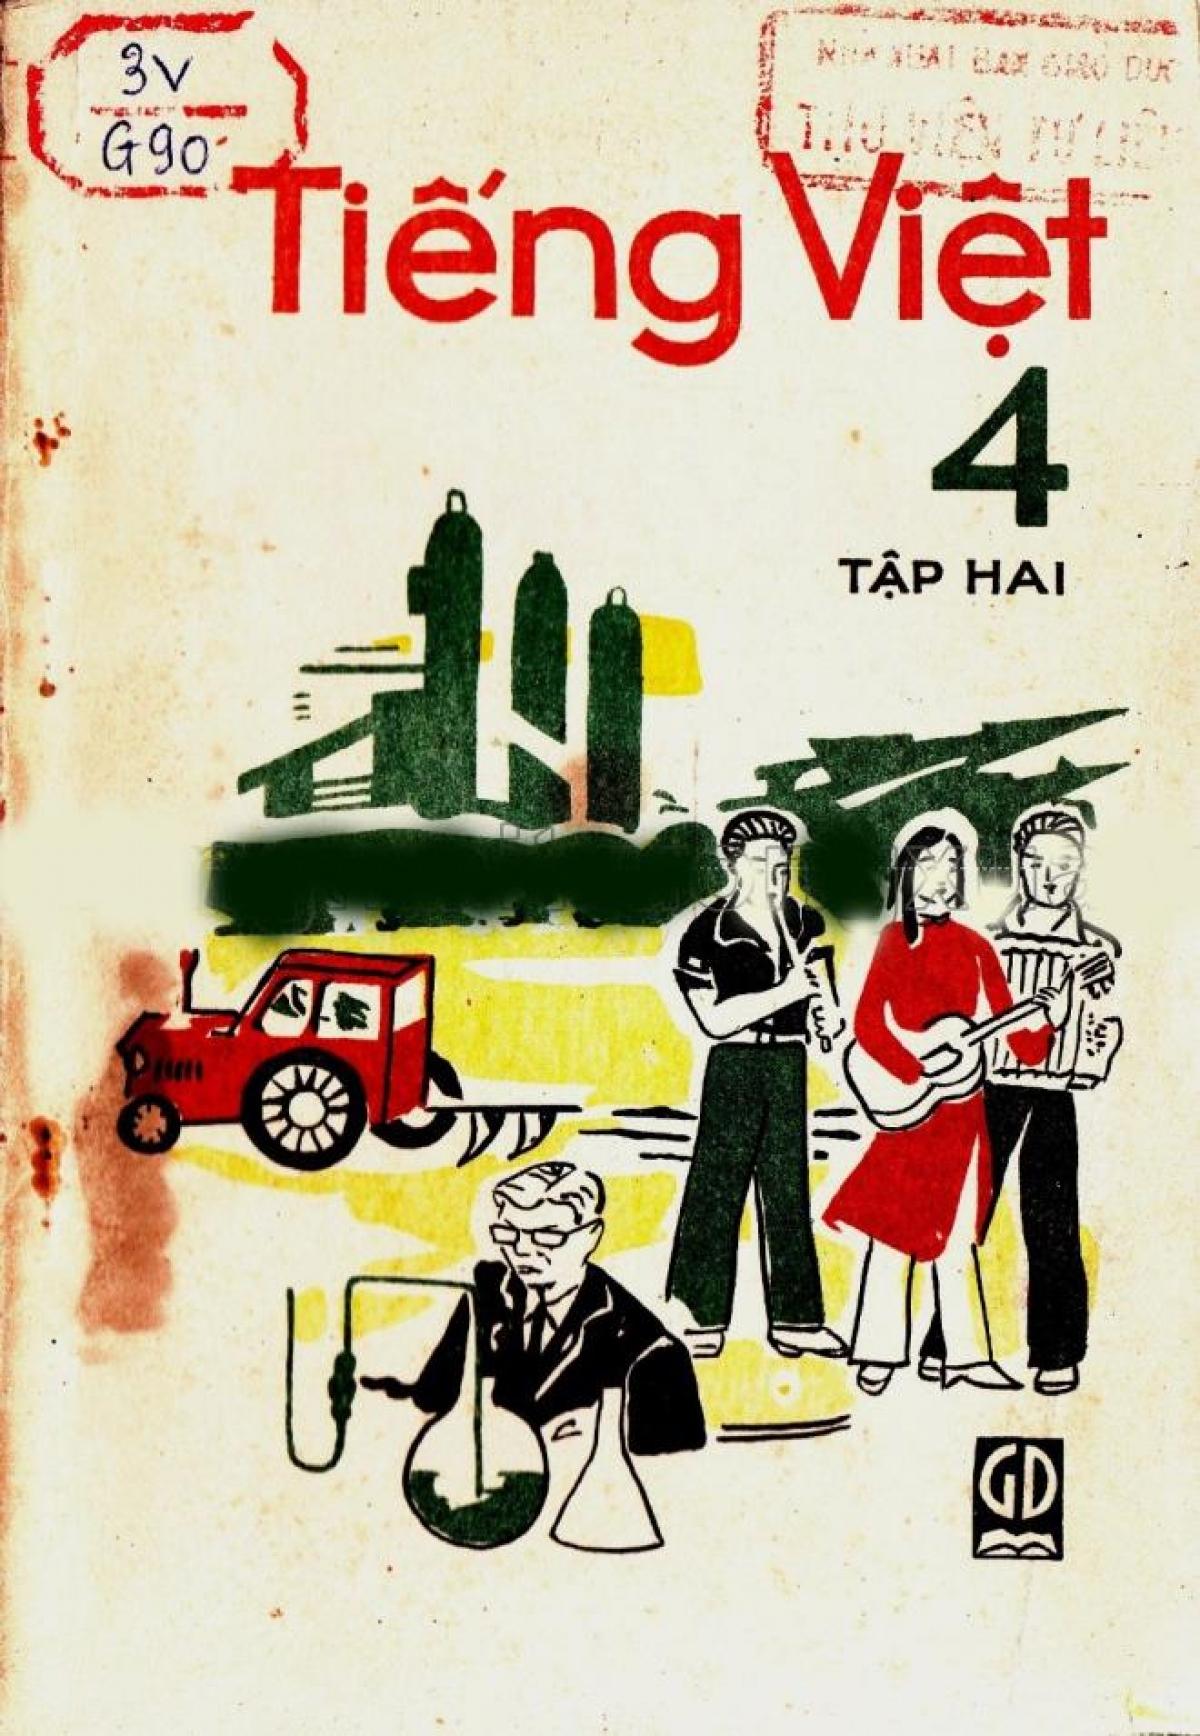 Lên lớp 4, ngoài sách Tiếng Việt, học sinh còn có sách Văn (tương ứng với môn Ngữ văn hiện nay). Trong hình là bìa sách Văn lớp 4 xuất bản năm 1989.